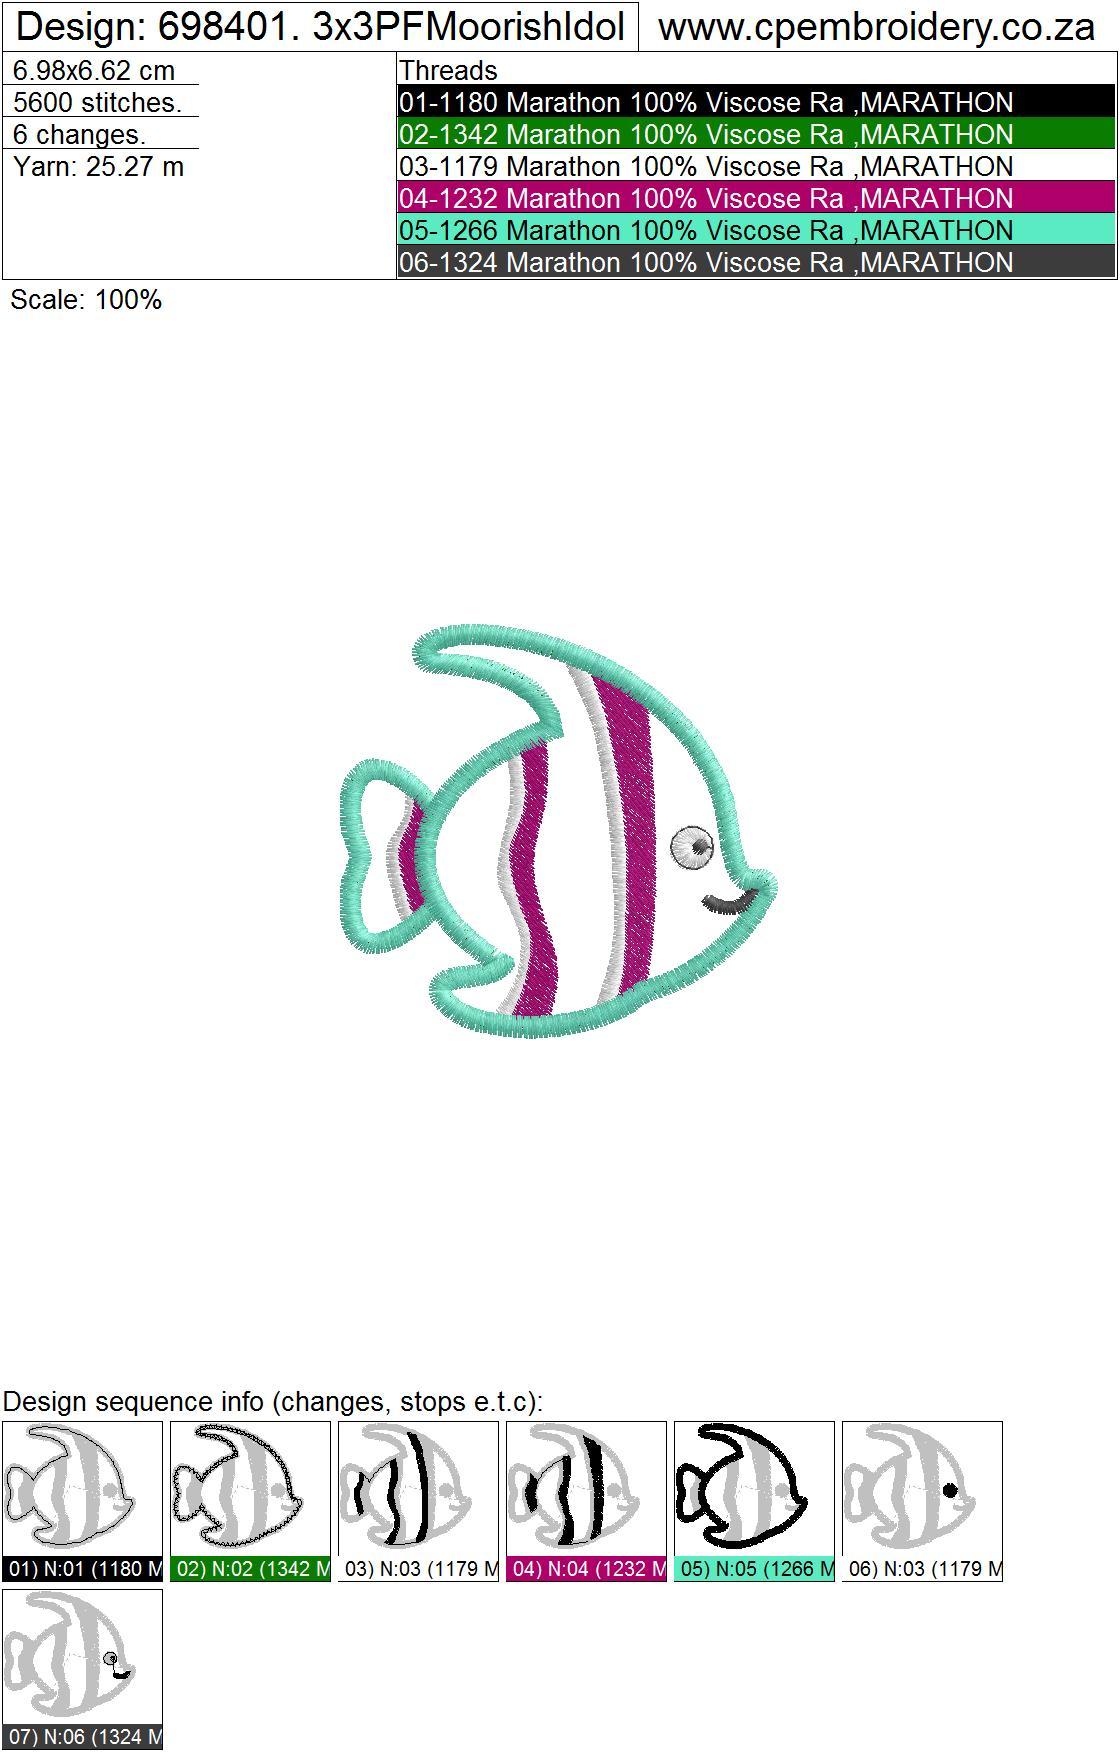 Striped Moorish Idol Pet Fish Applique Design example image 3